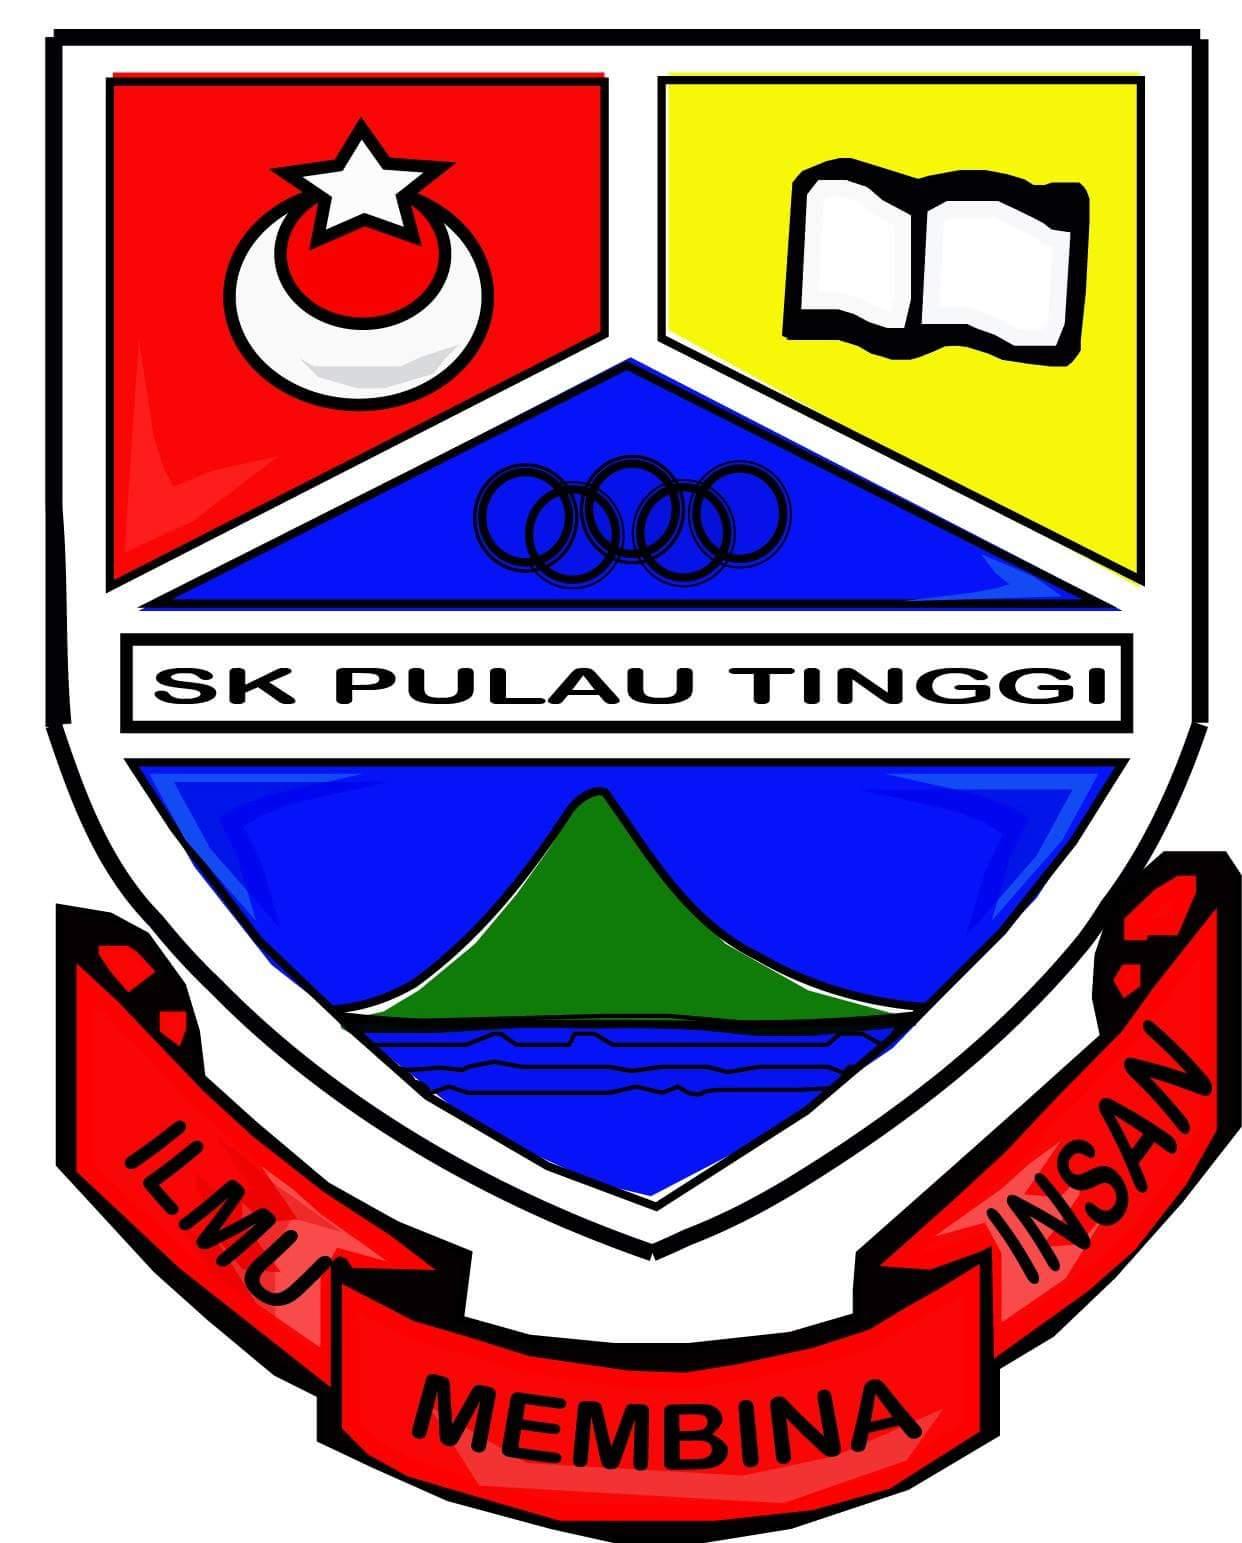 SK PULAU TINGGI